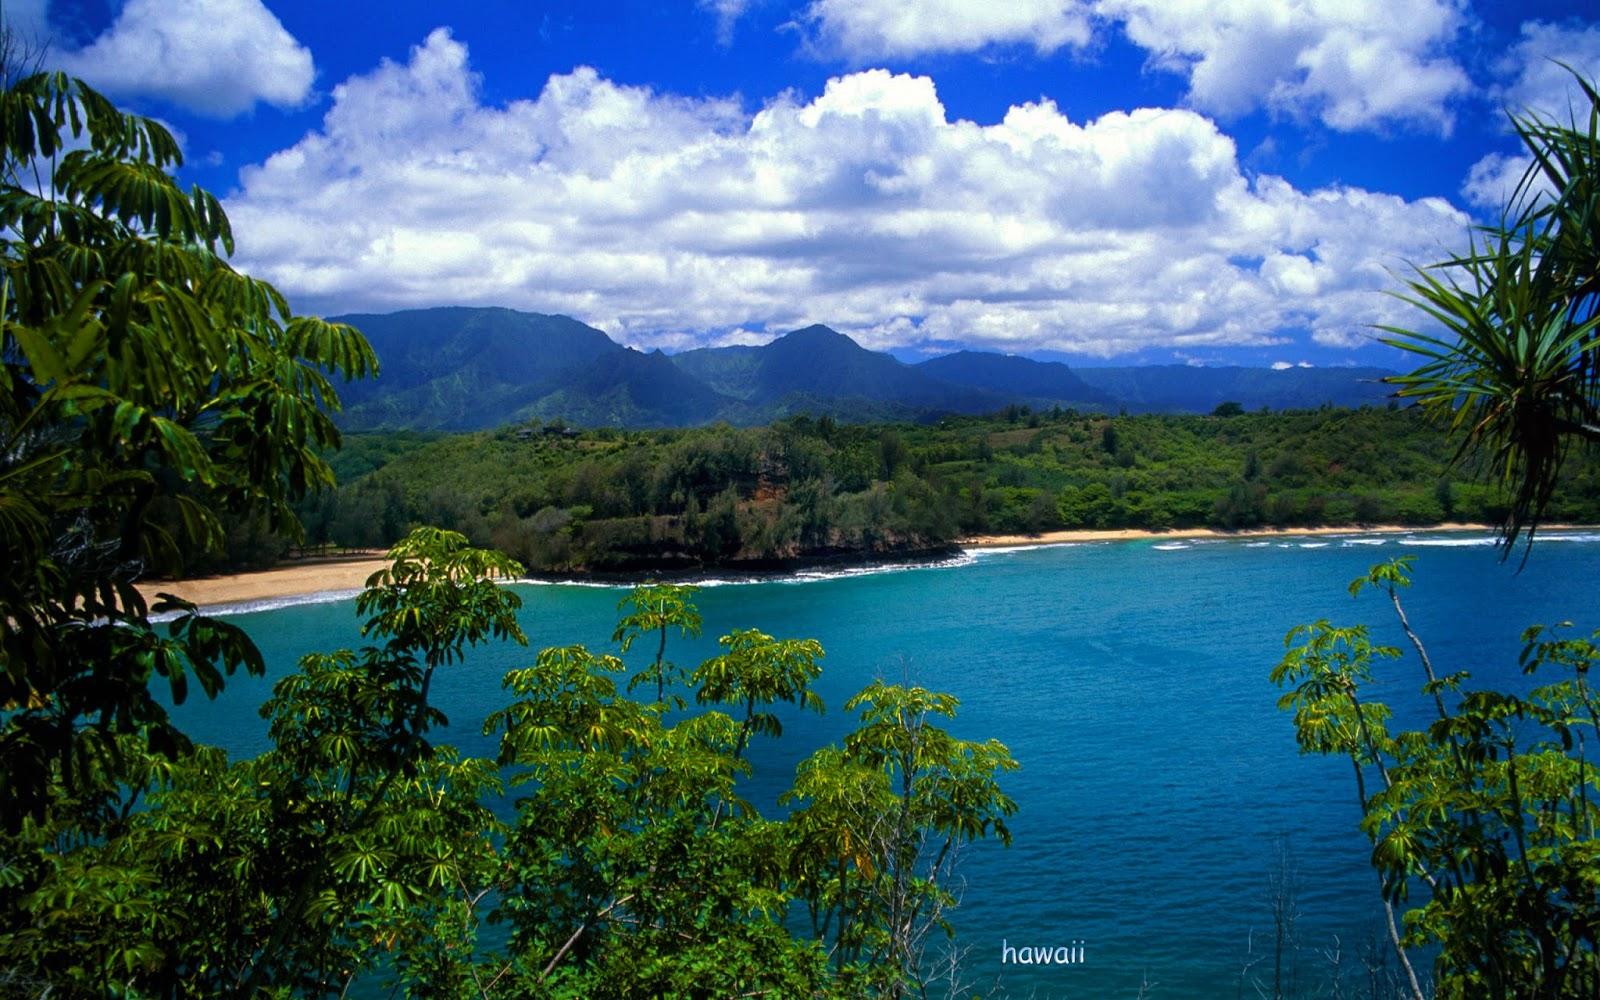 hawaiian island hawaiian islands island island view hawaii 1600x1000